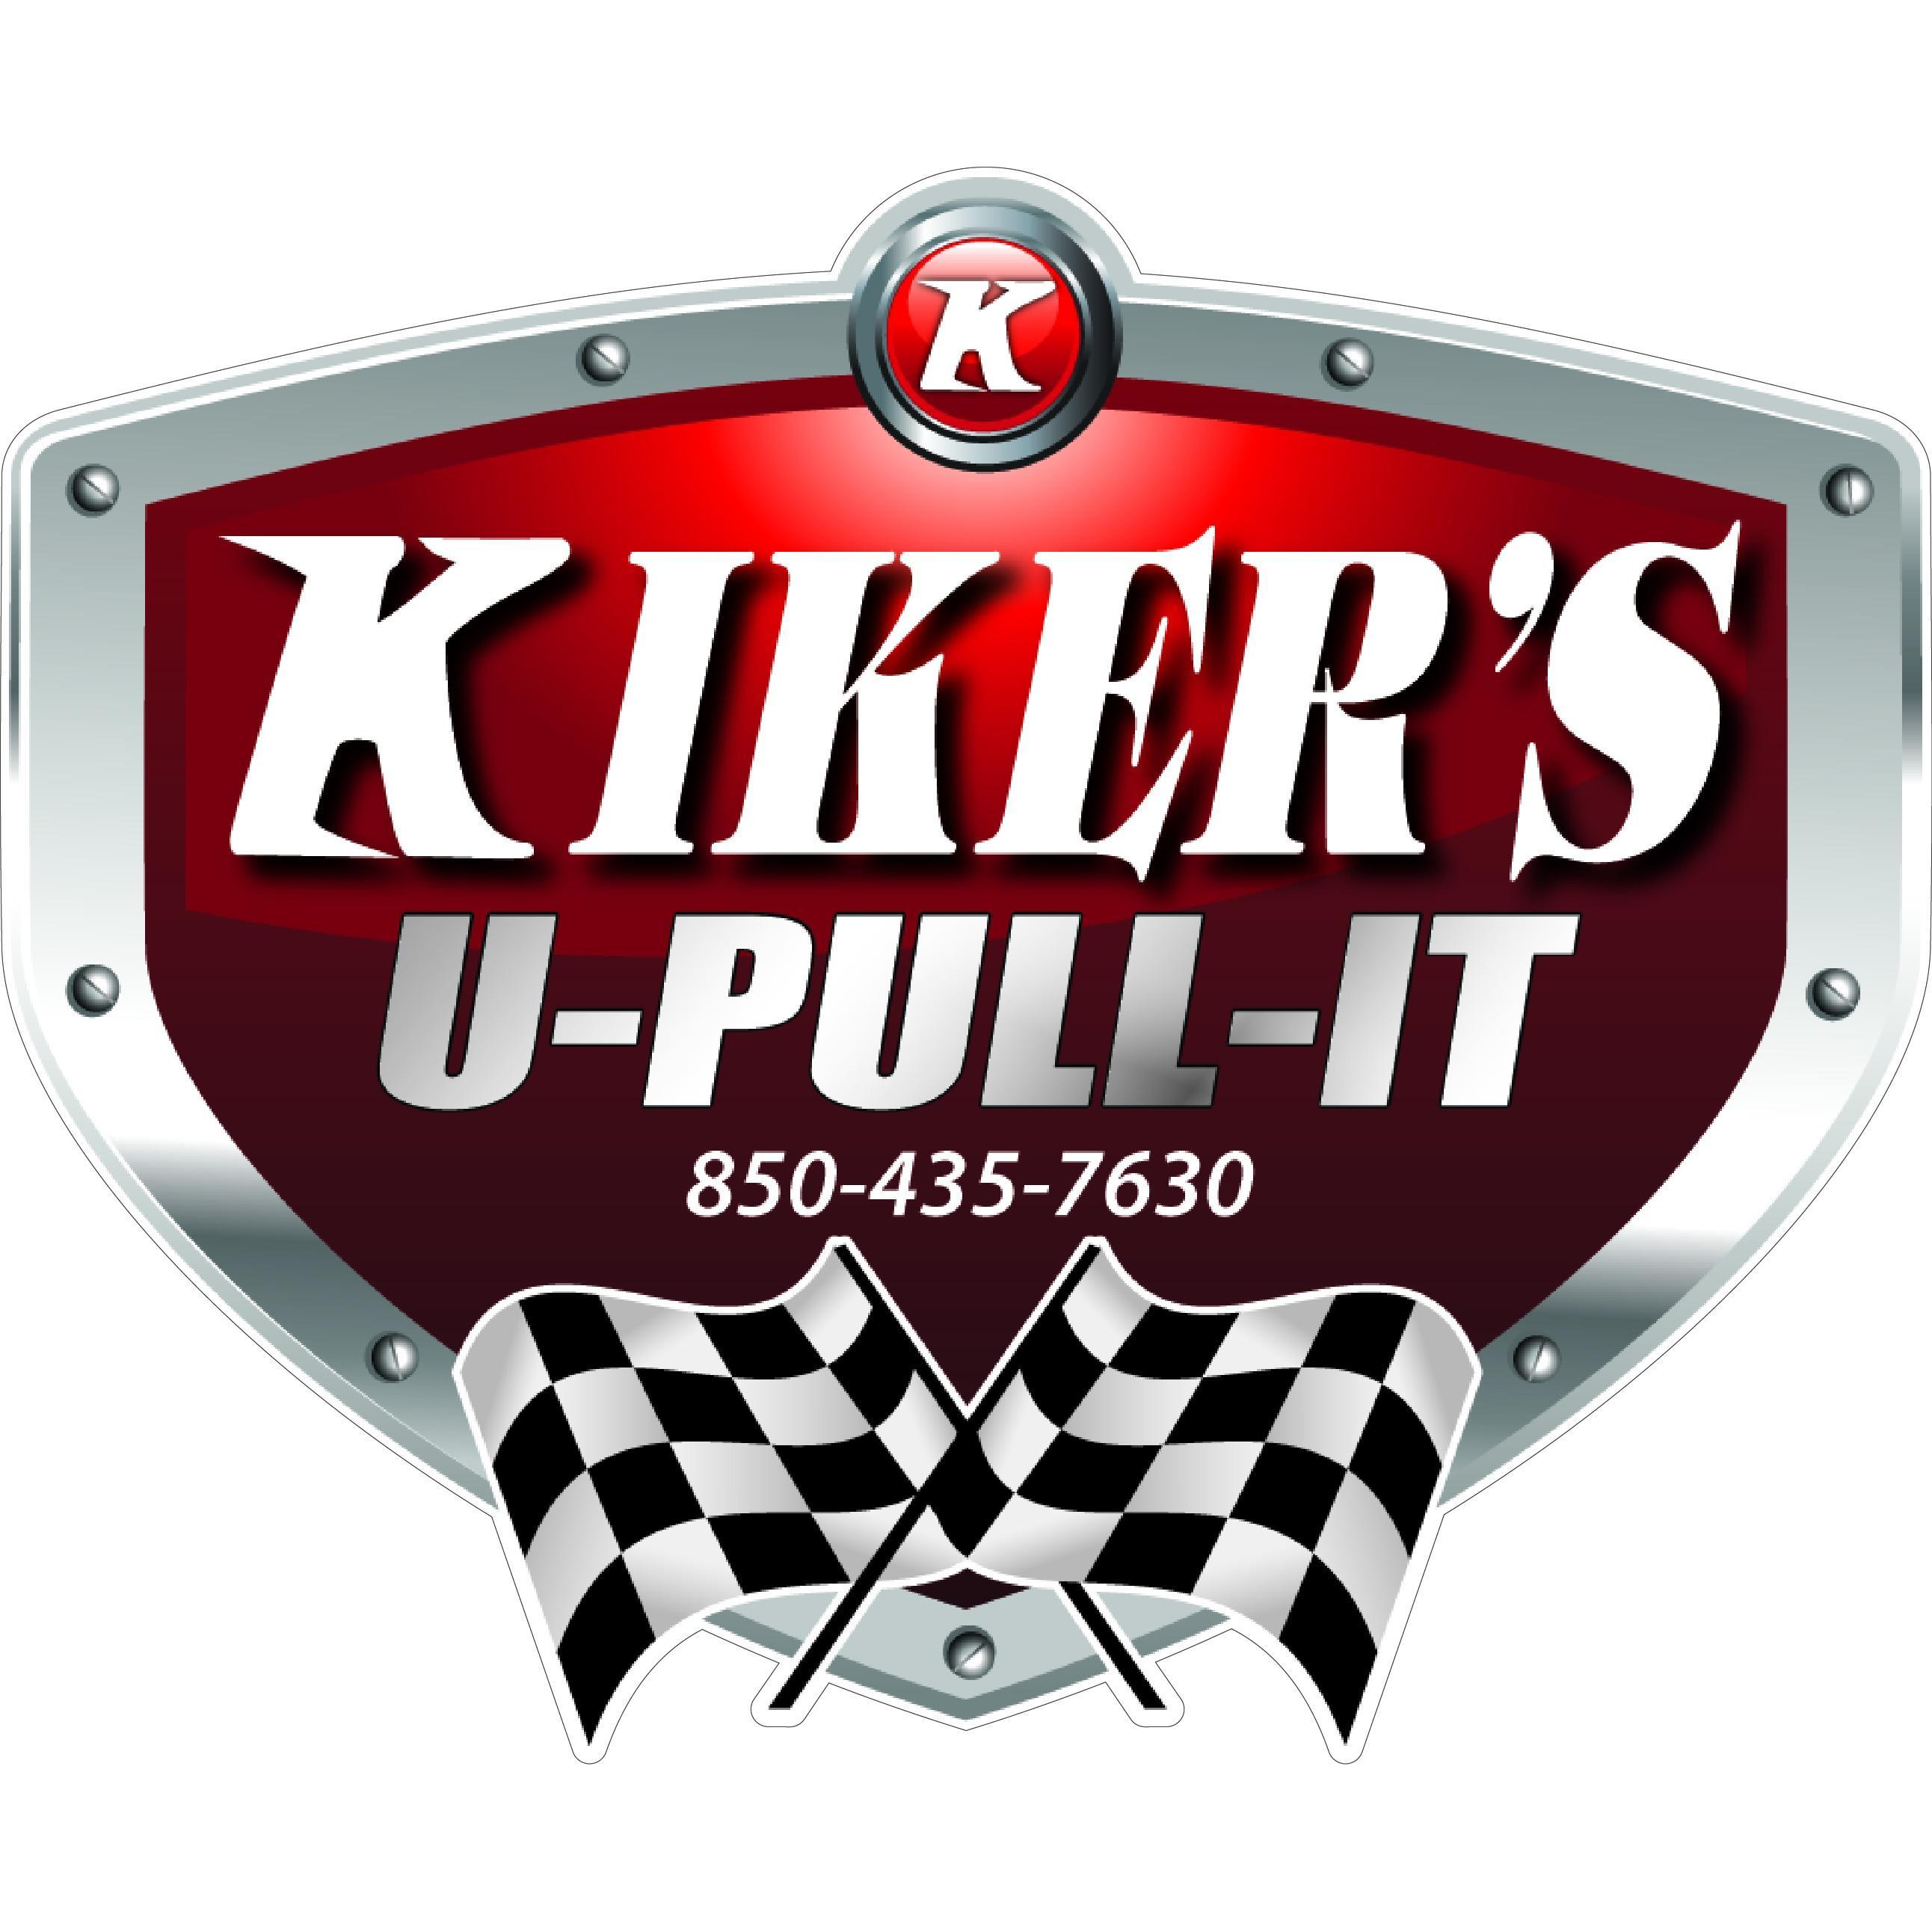 Kikers U-Pull-It, Inc